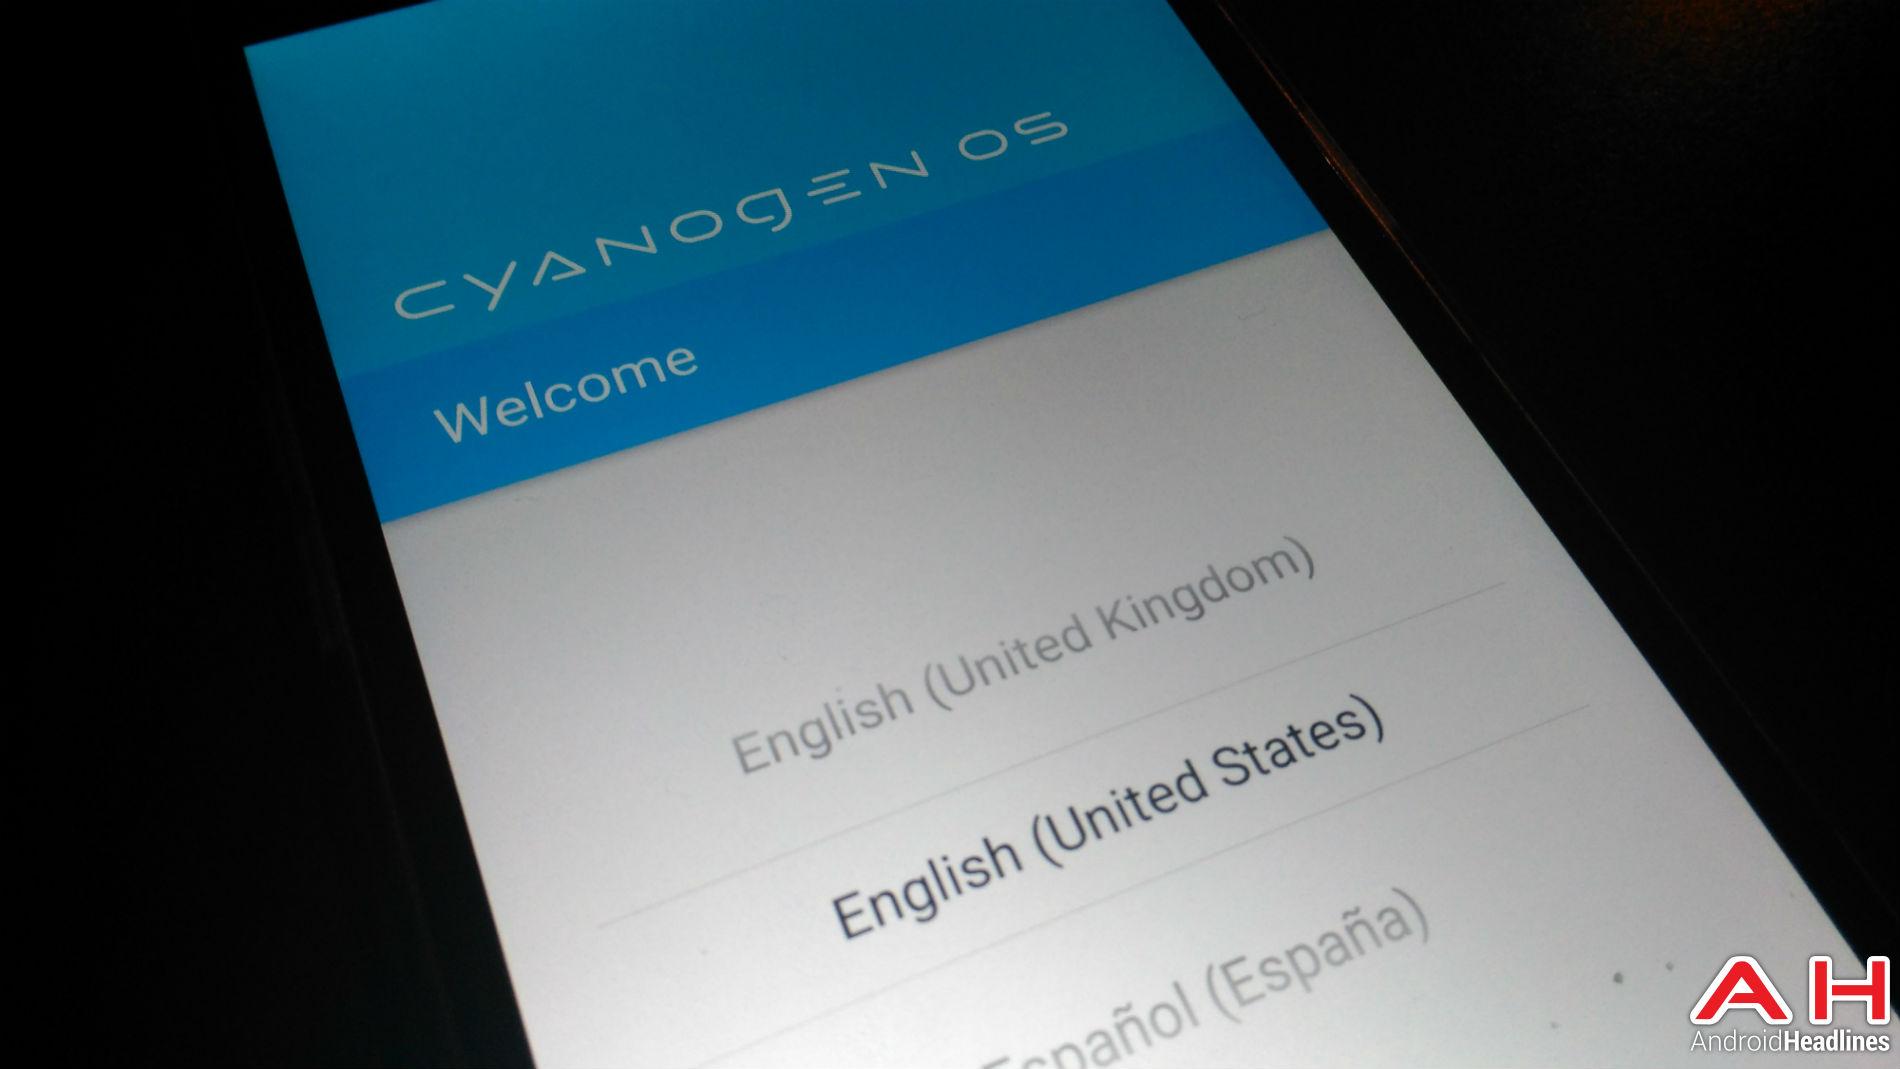 Cyanogen OS 12 AH 2